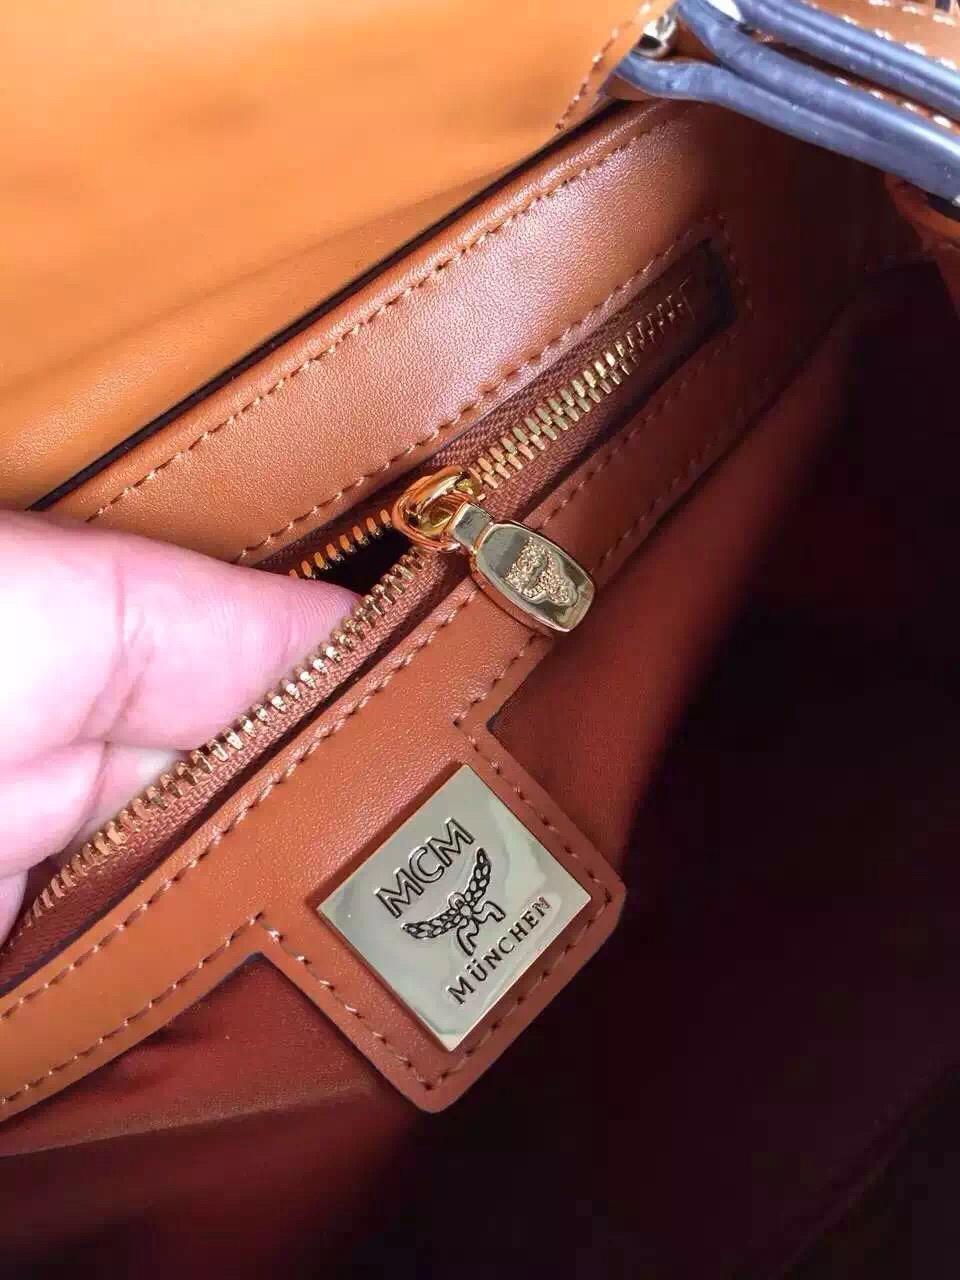 MCM专柜新款邮差包 铆钉镶钻 信封盖口 原单品质 土黄